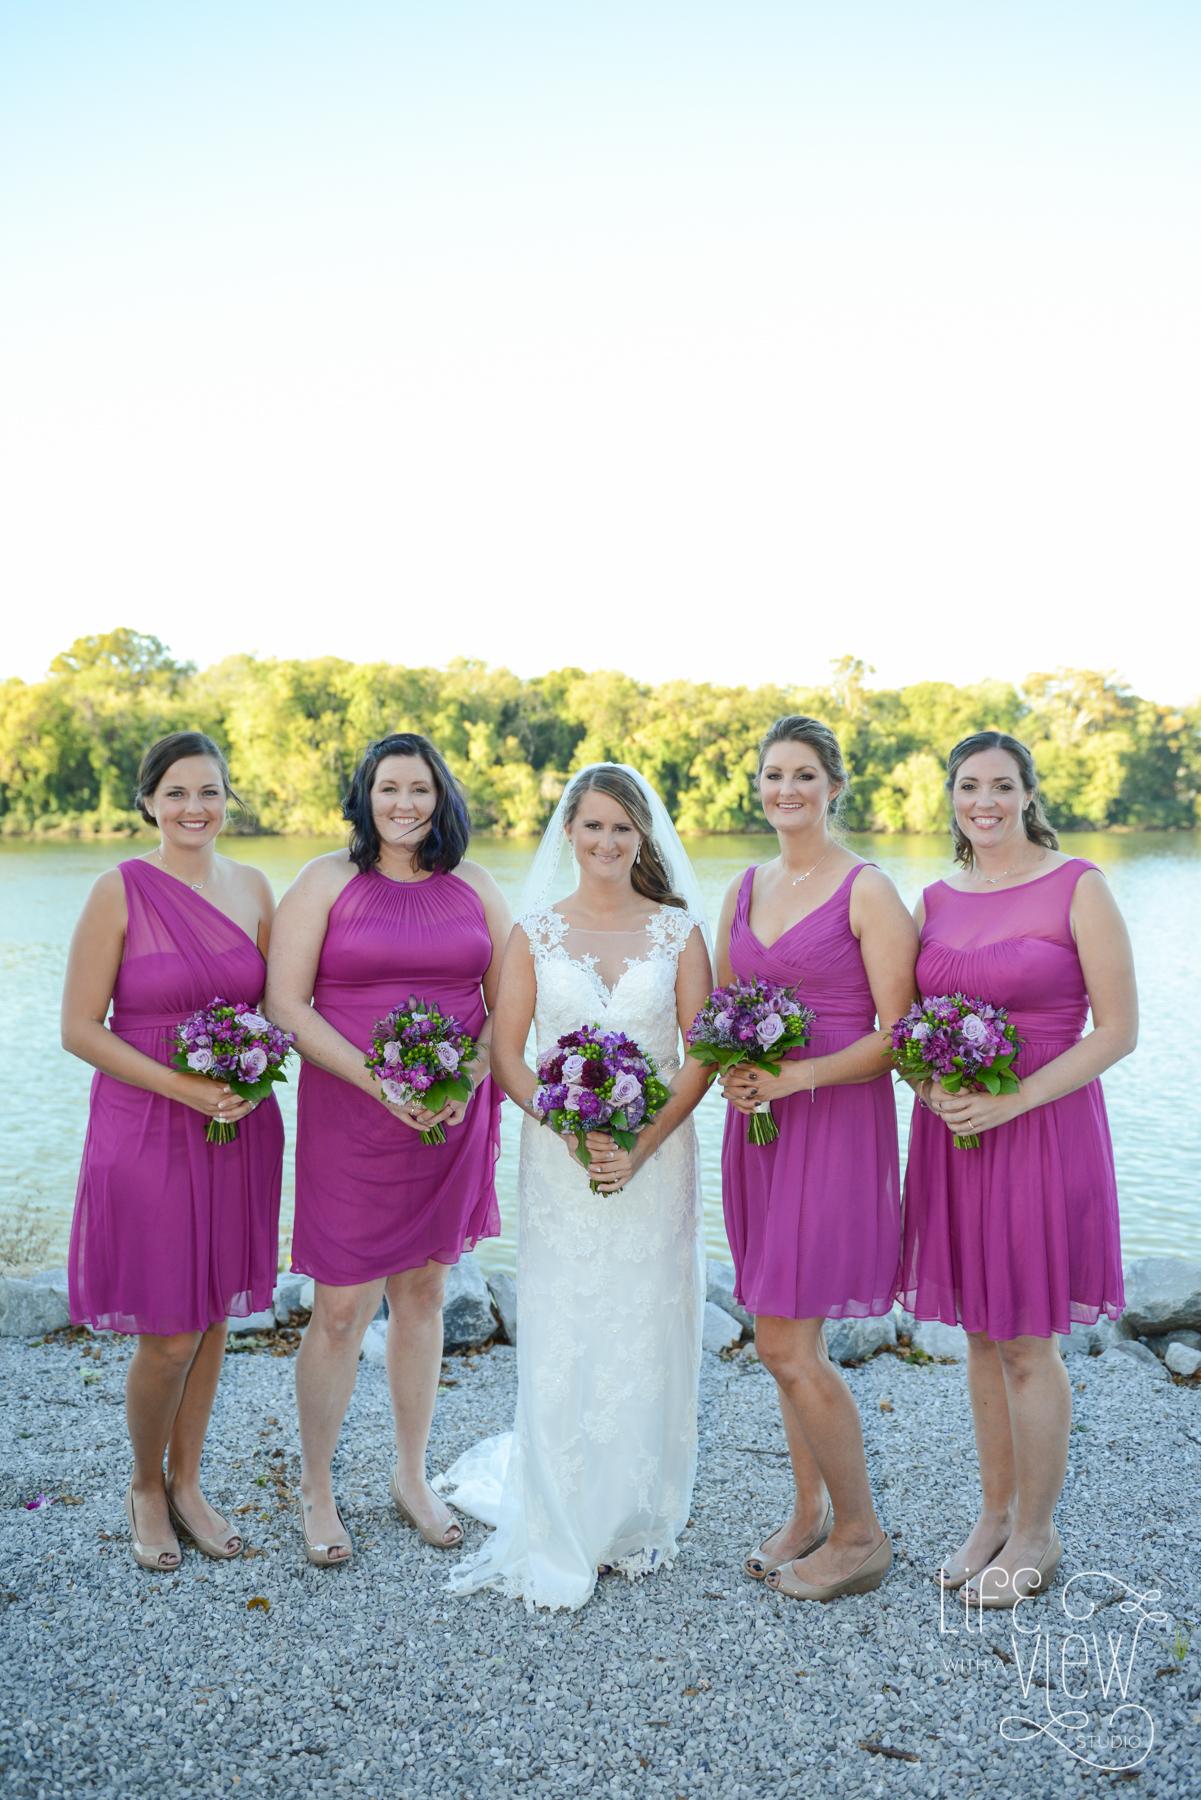 Manker-Patten-Wedding-51.jpg